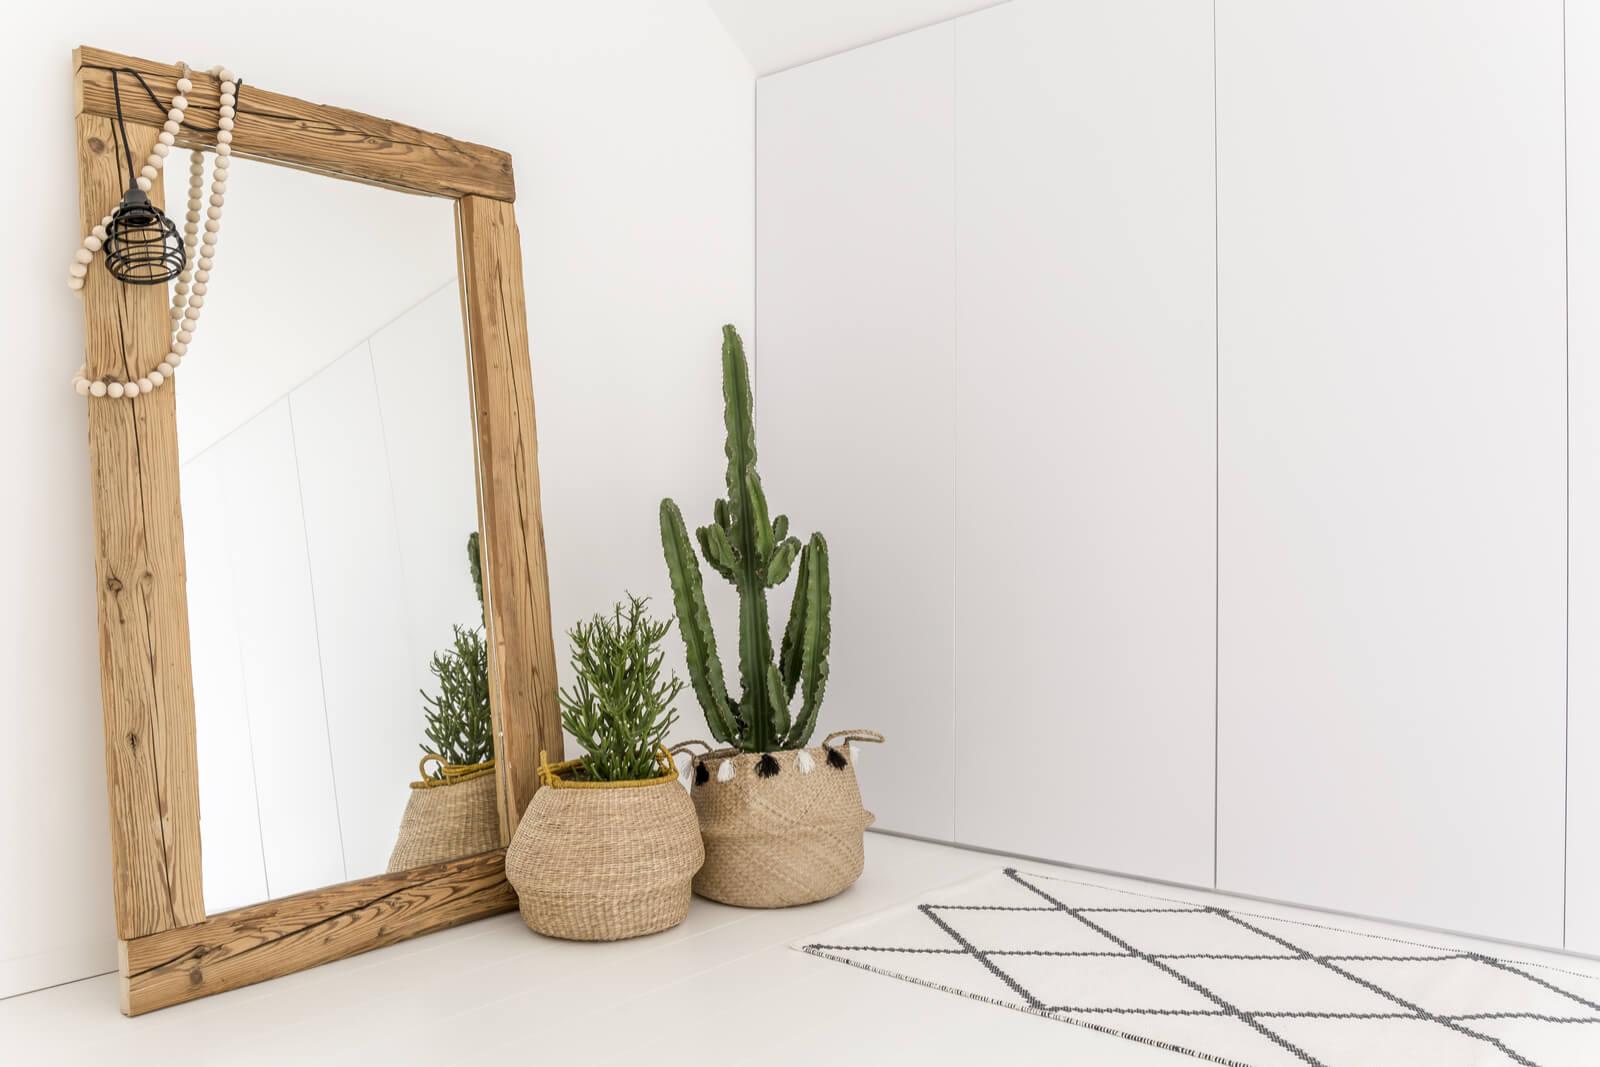 Et spejl står på gulvet